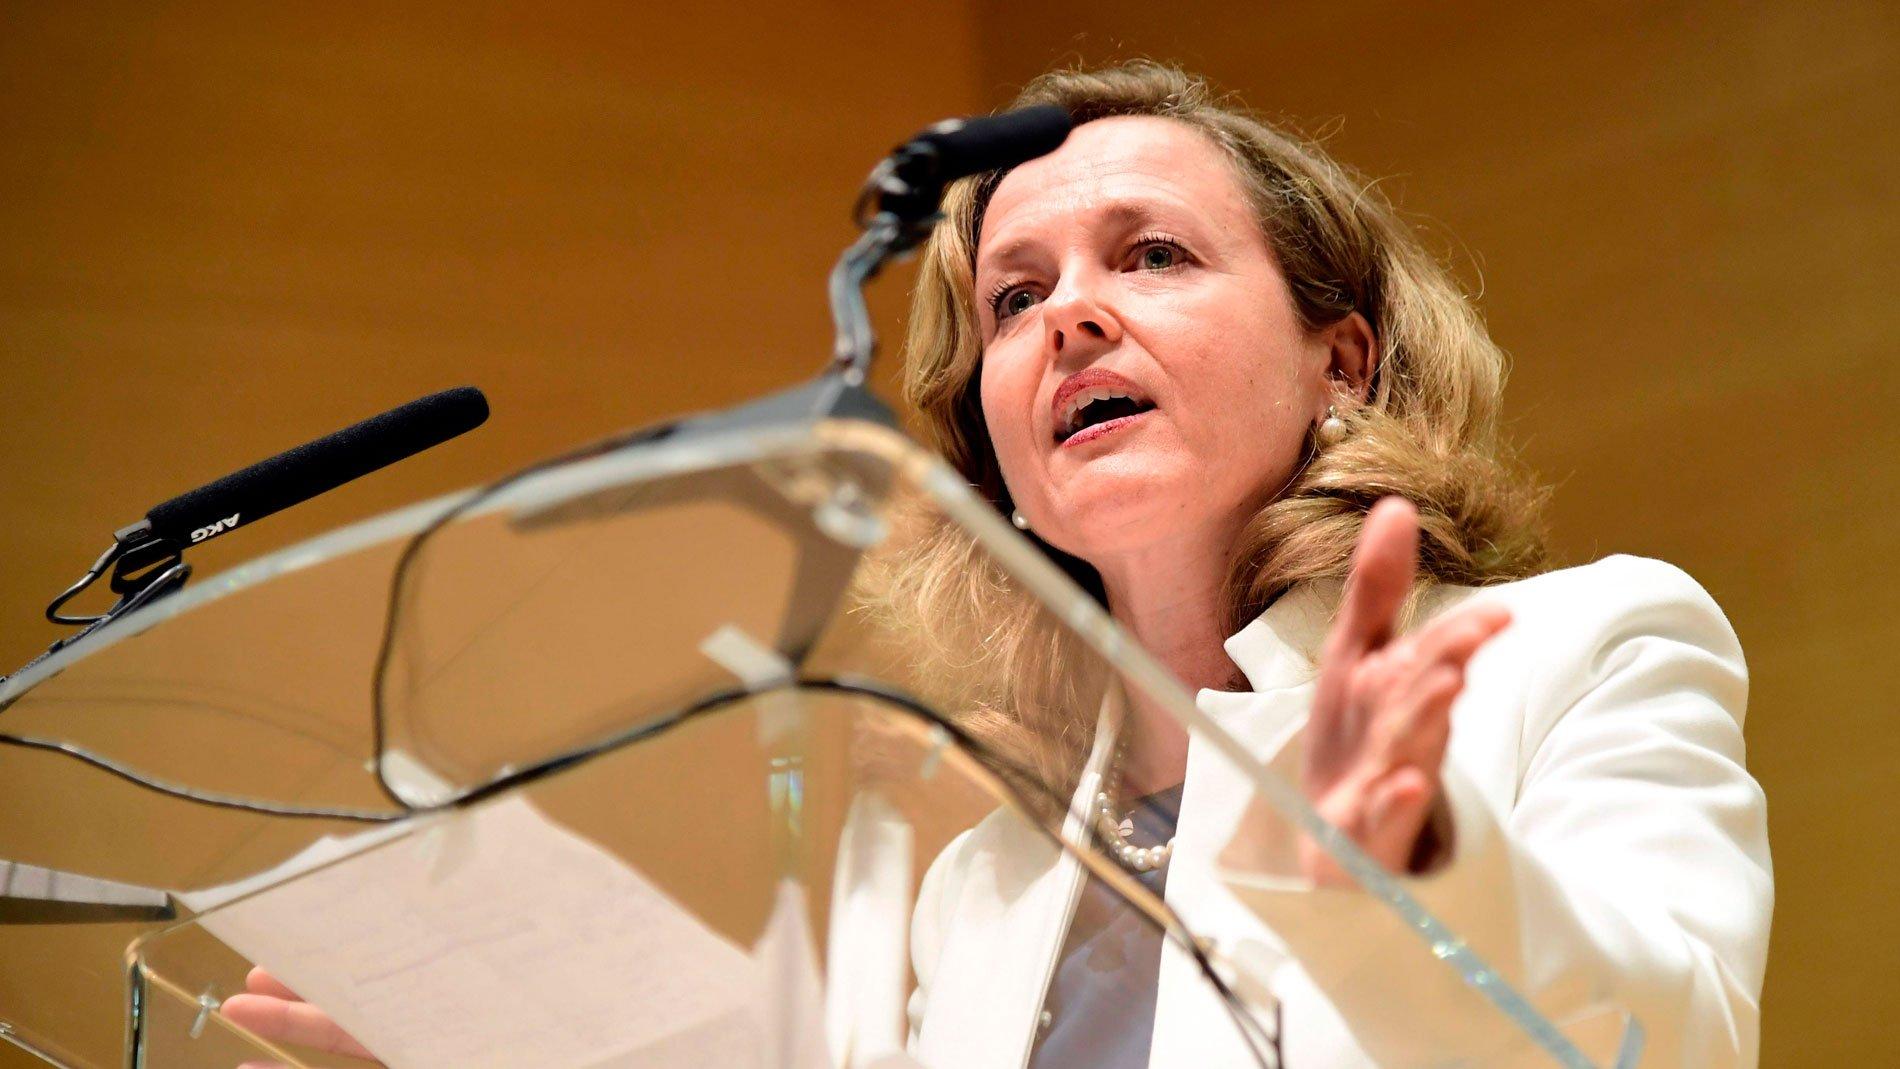 La señora Calviño, esa ministra que no manda Nadia (John Müller, dixit) está dedicada a su transposición a la regulación española mediante la oportuna norma